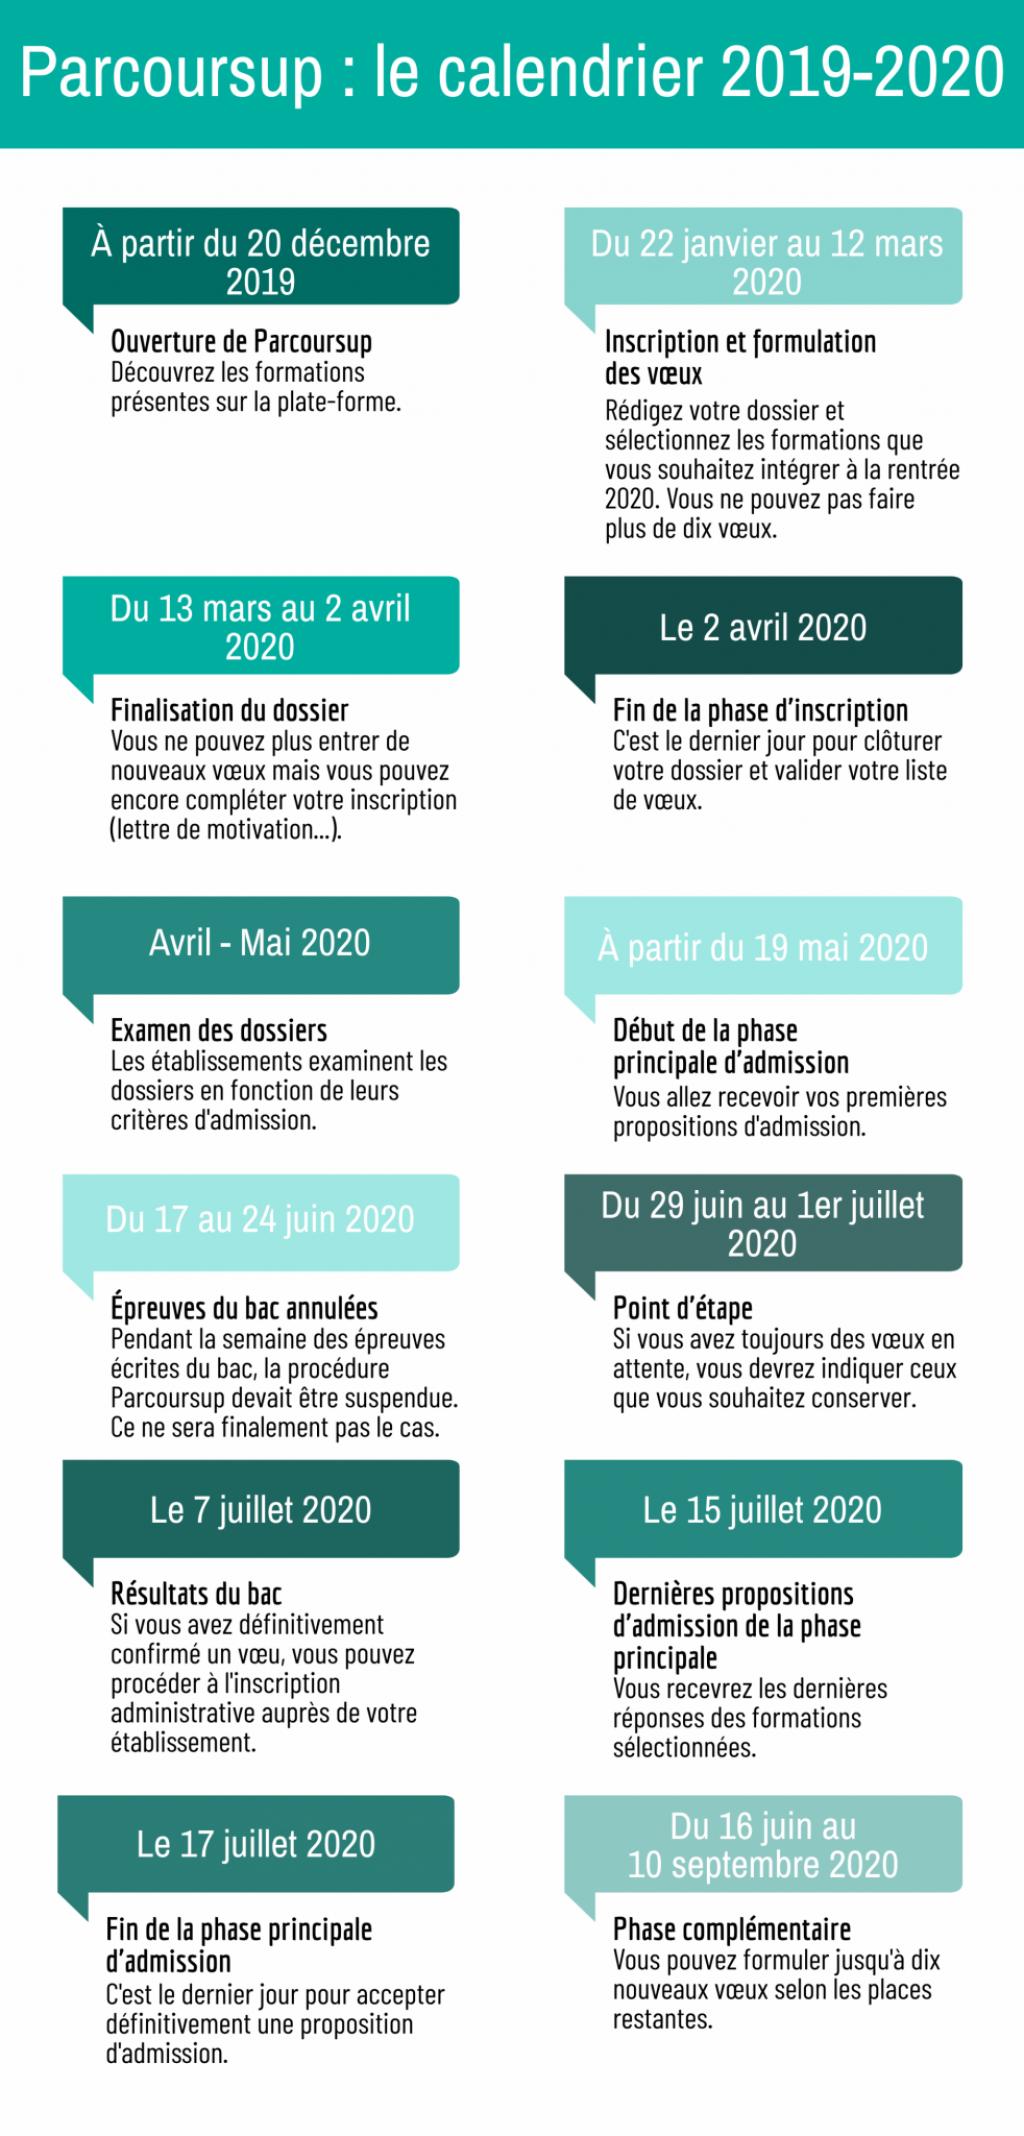 Calendrier Parcoursup 2019-2020 //©Pauline Bluteau